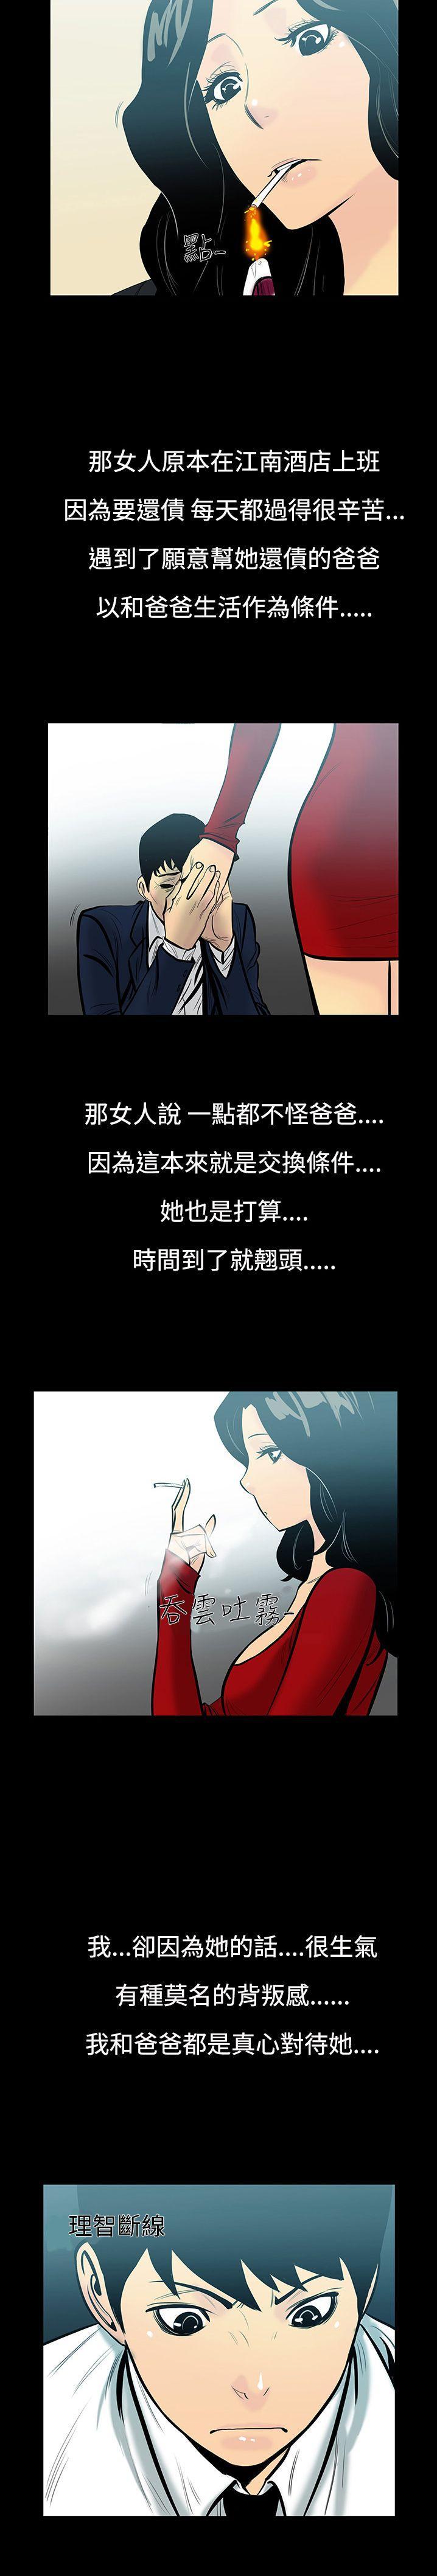 中文韩漫 無法停止的甜蜜關係 Ch.0-12 52